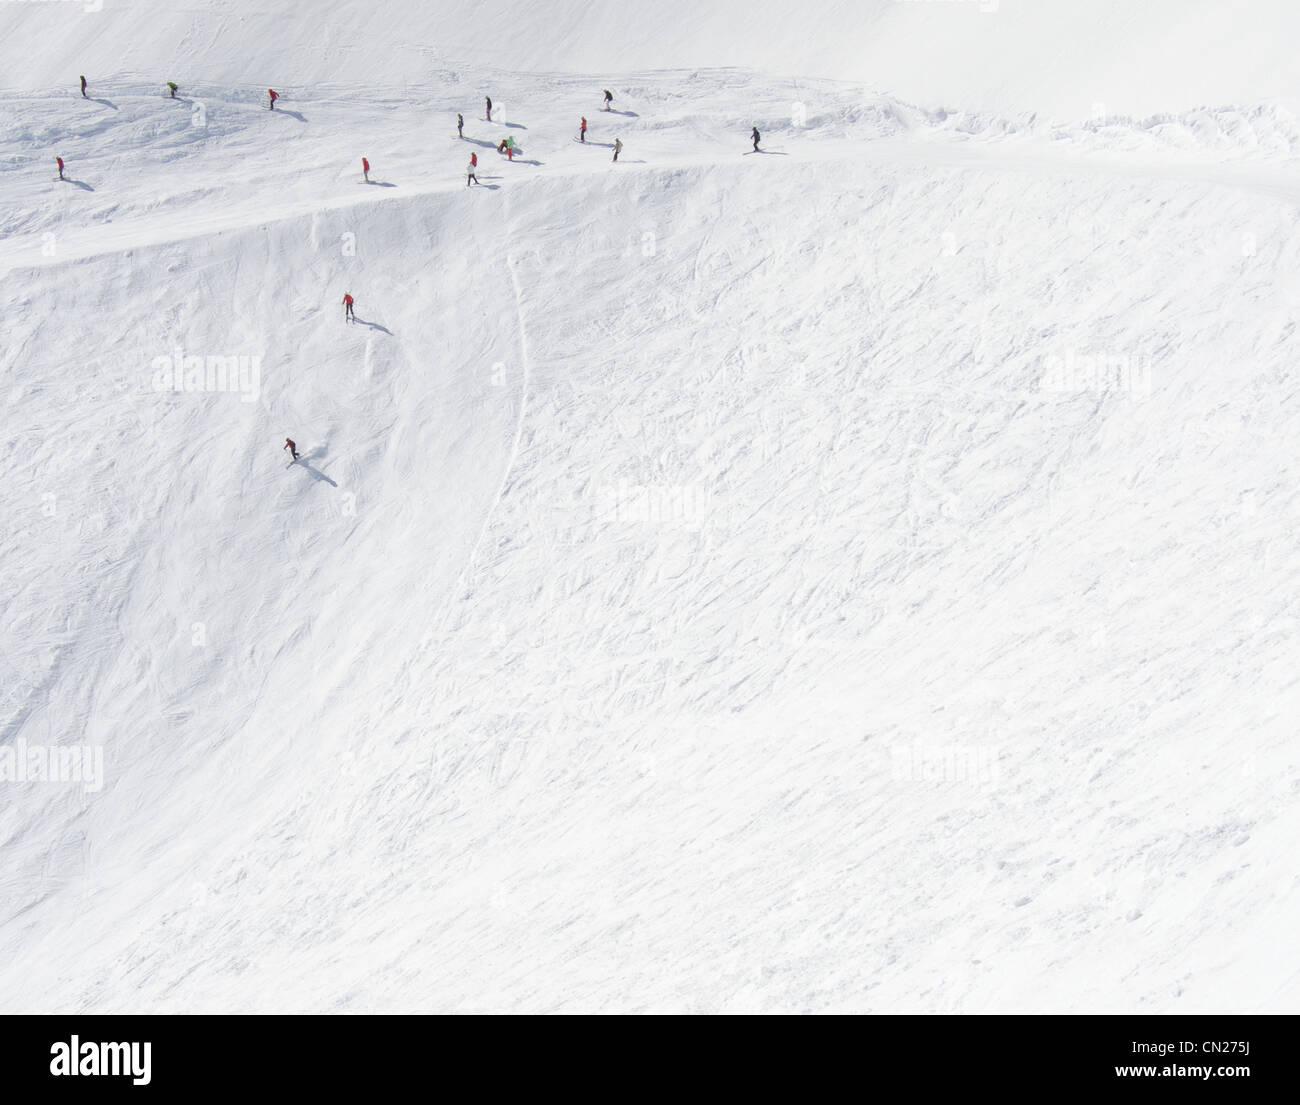 Les skieurs de descendre de fortes pentes côté montagne, Utah, USA Photo Stock